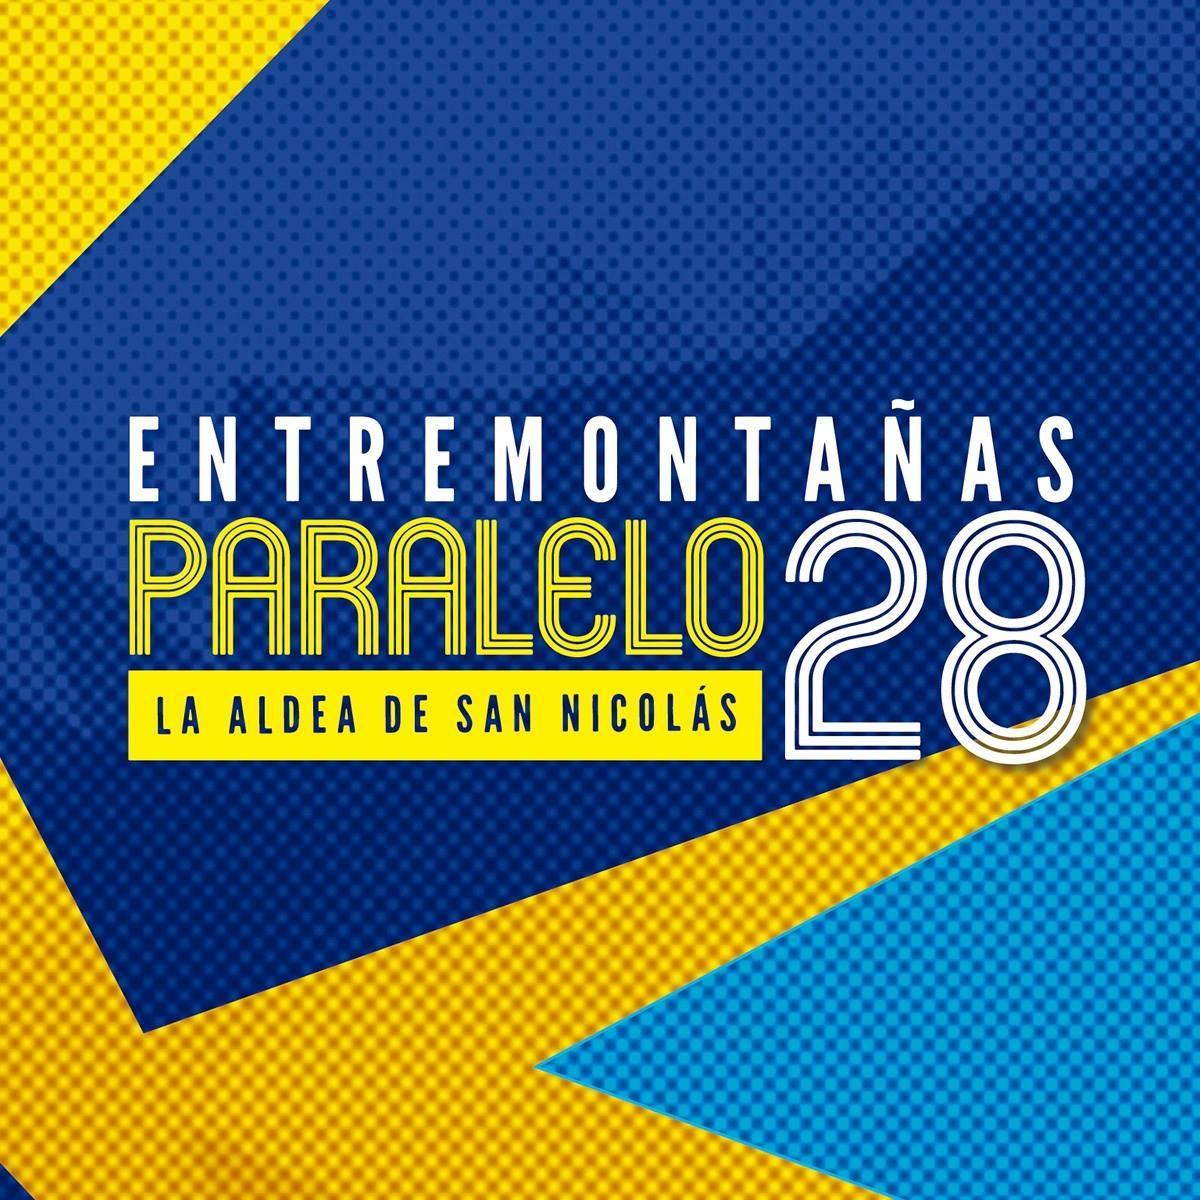 Logotipo oficial de la Paralelo28 Entremontañas